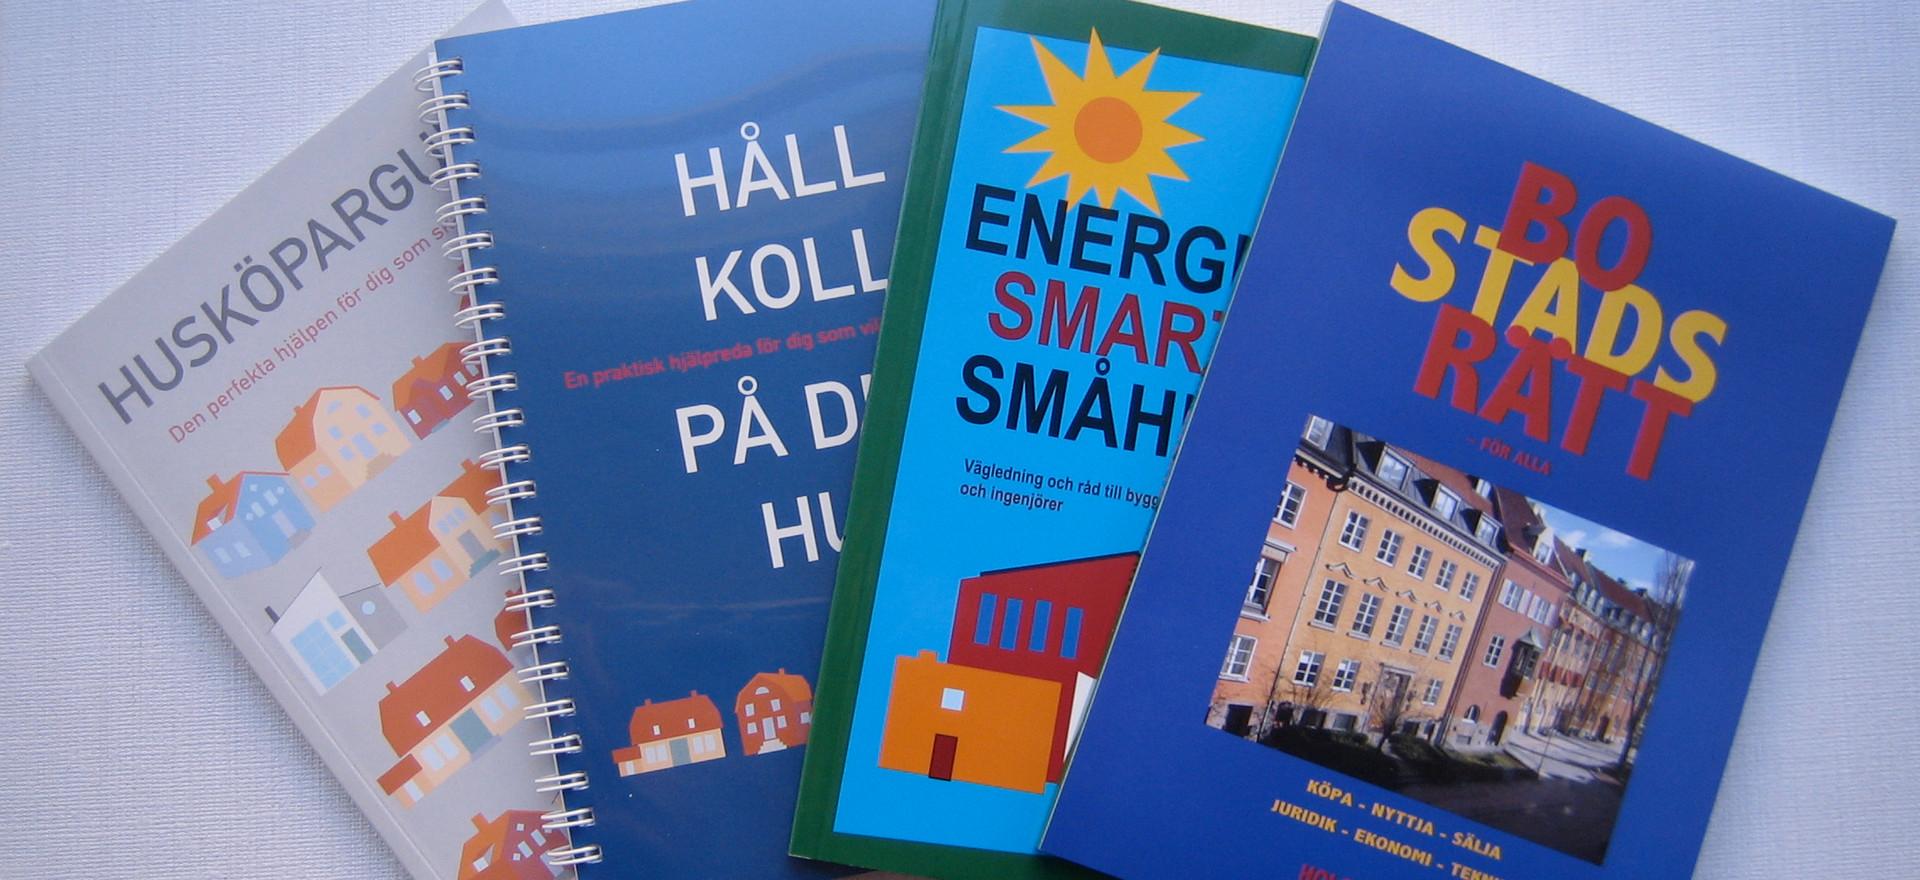 Dessa fyra böcker är författade av Holger Gross. Se vidare under Egna böcker.